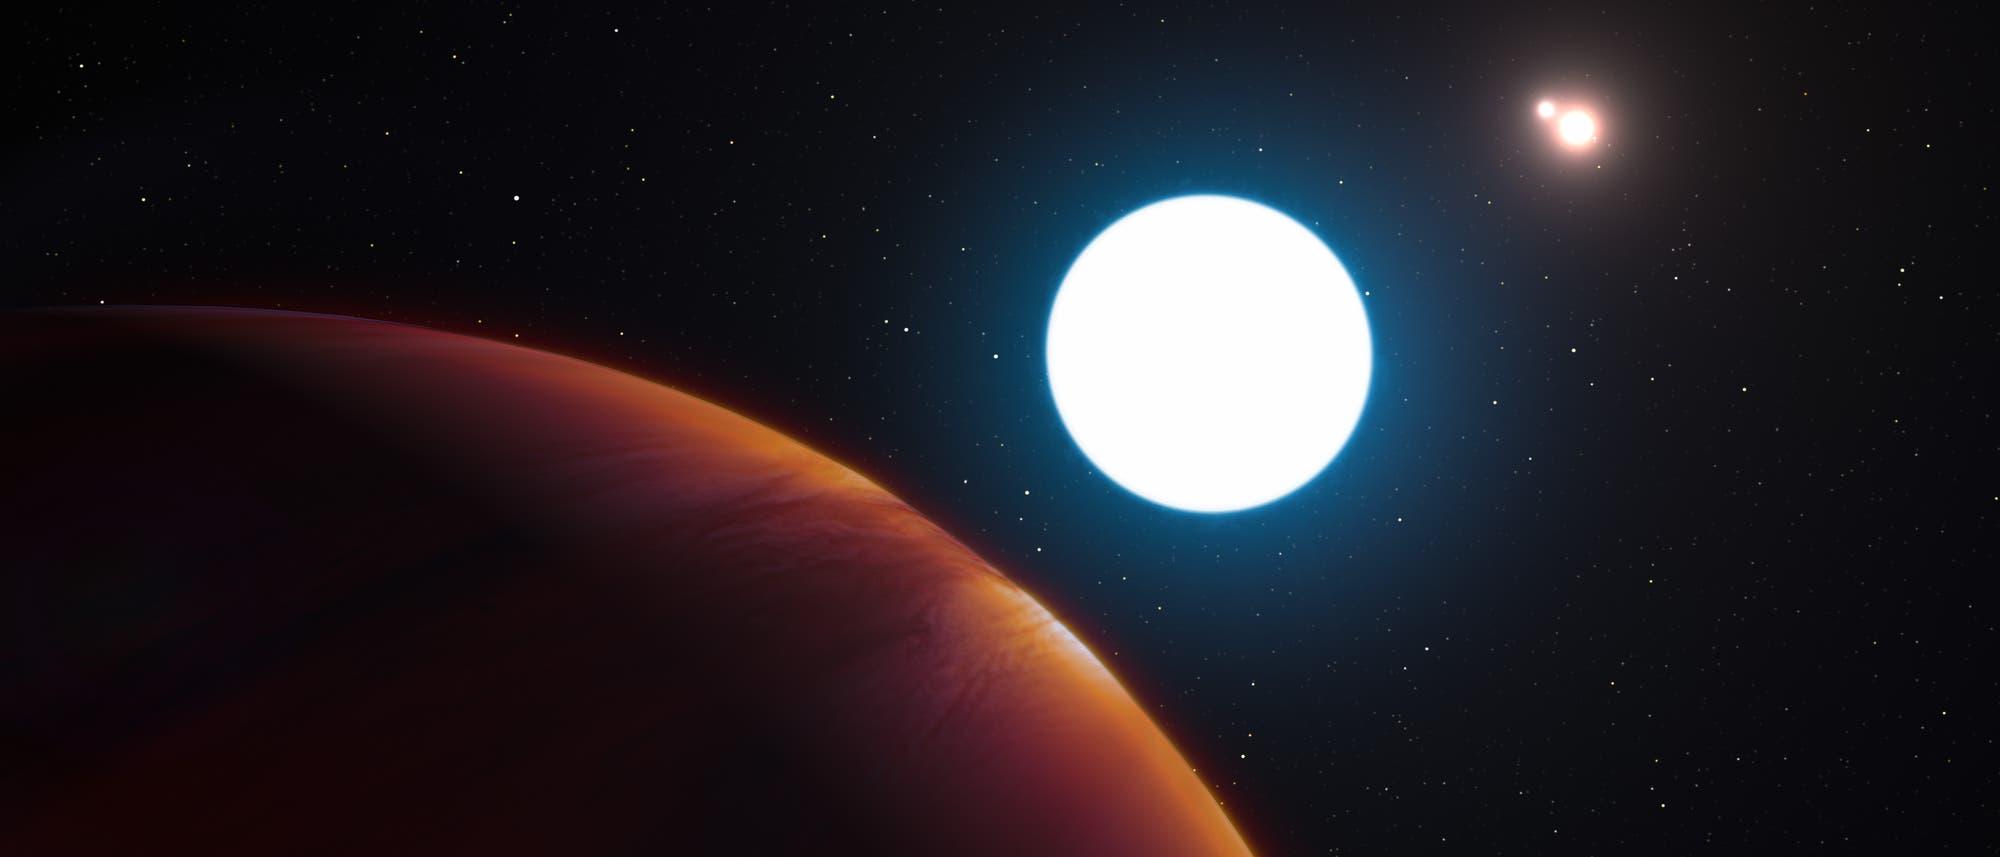 Künstlerische Darstellung des extrasolaren Planeten HD 131399Ab im Sternbild Zentaur